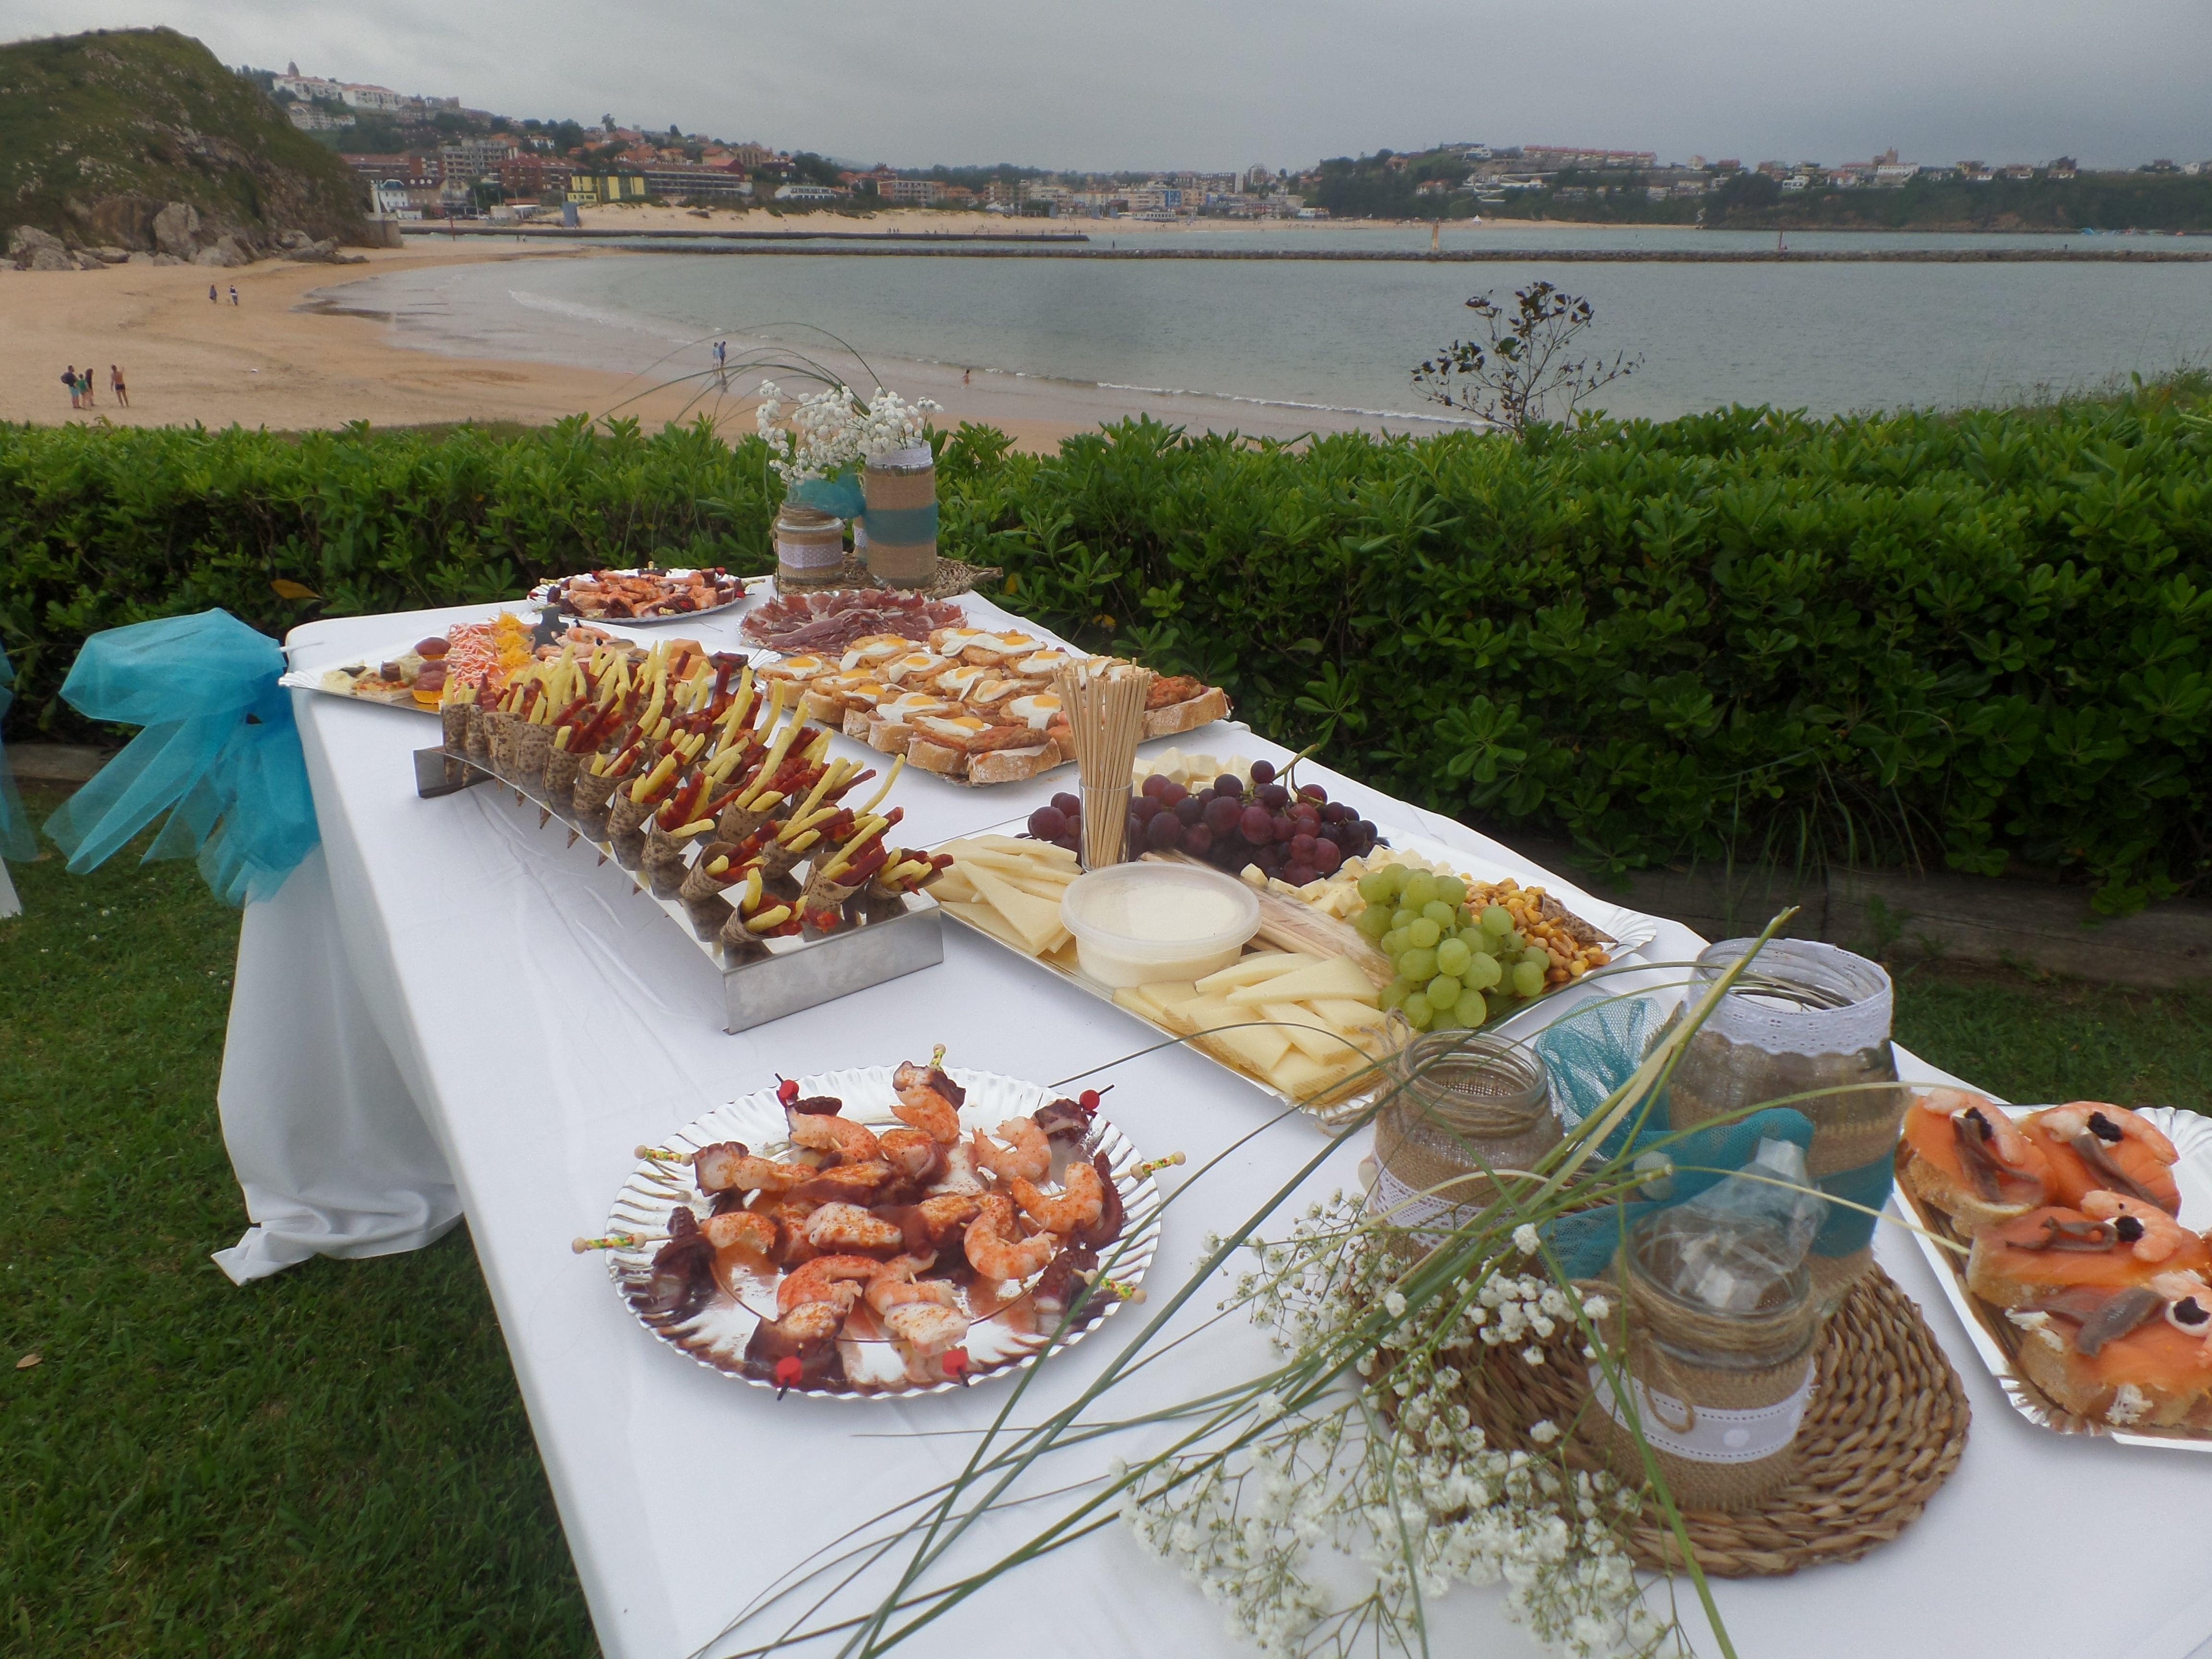 El mejor catering para eventos en Cantabria - Descubre la combinación perfecta para tu catering por Dulce y Salado!